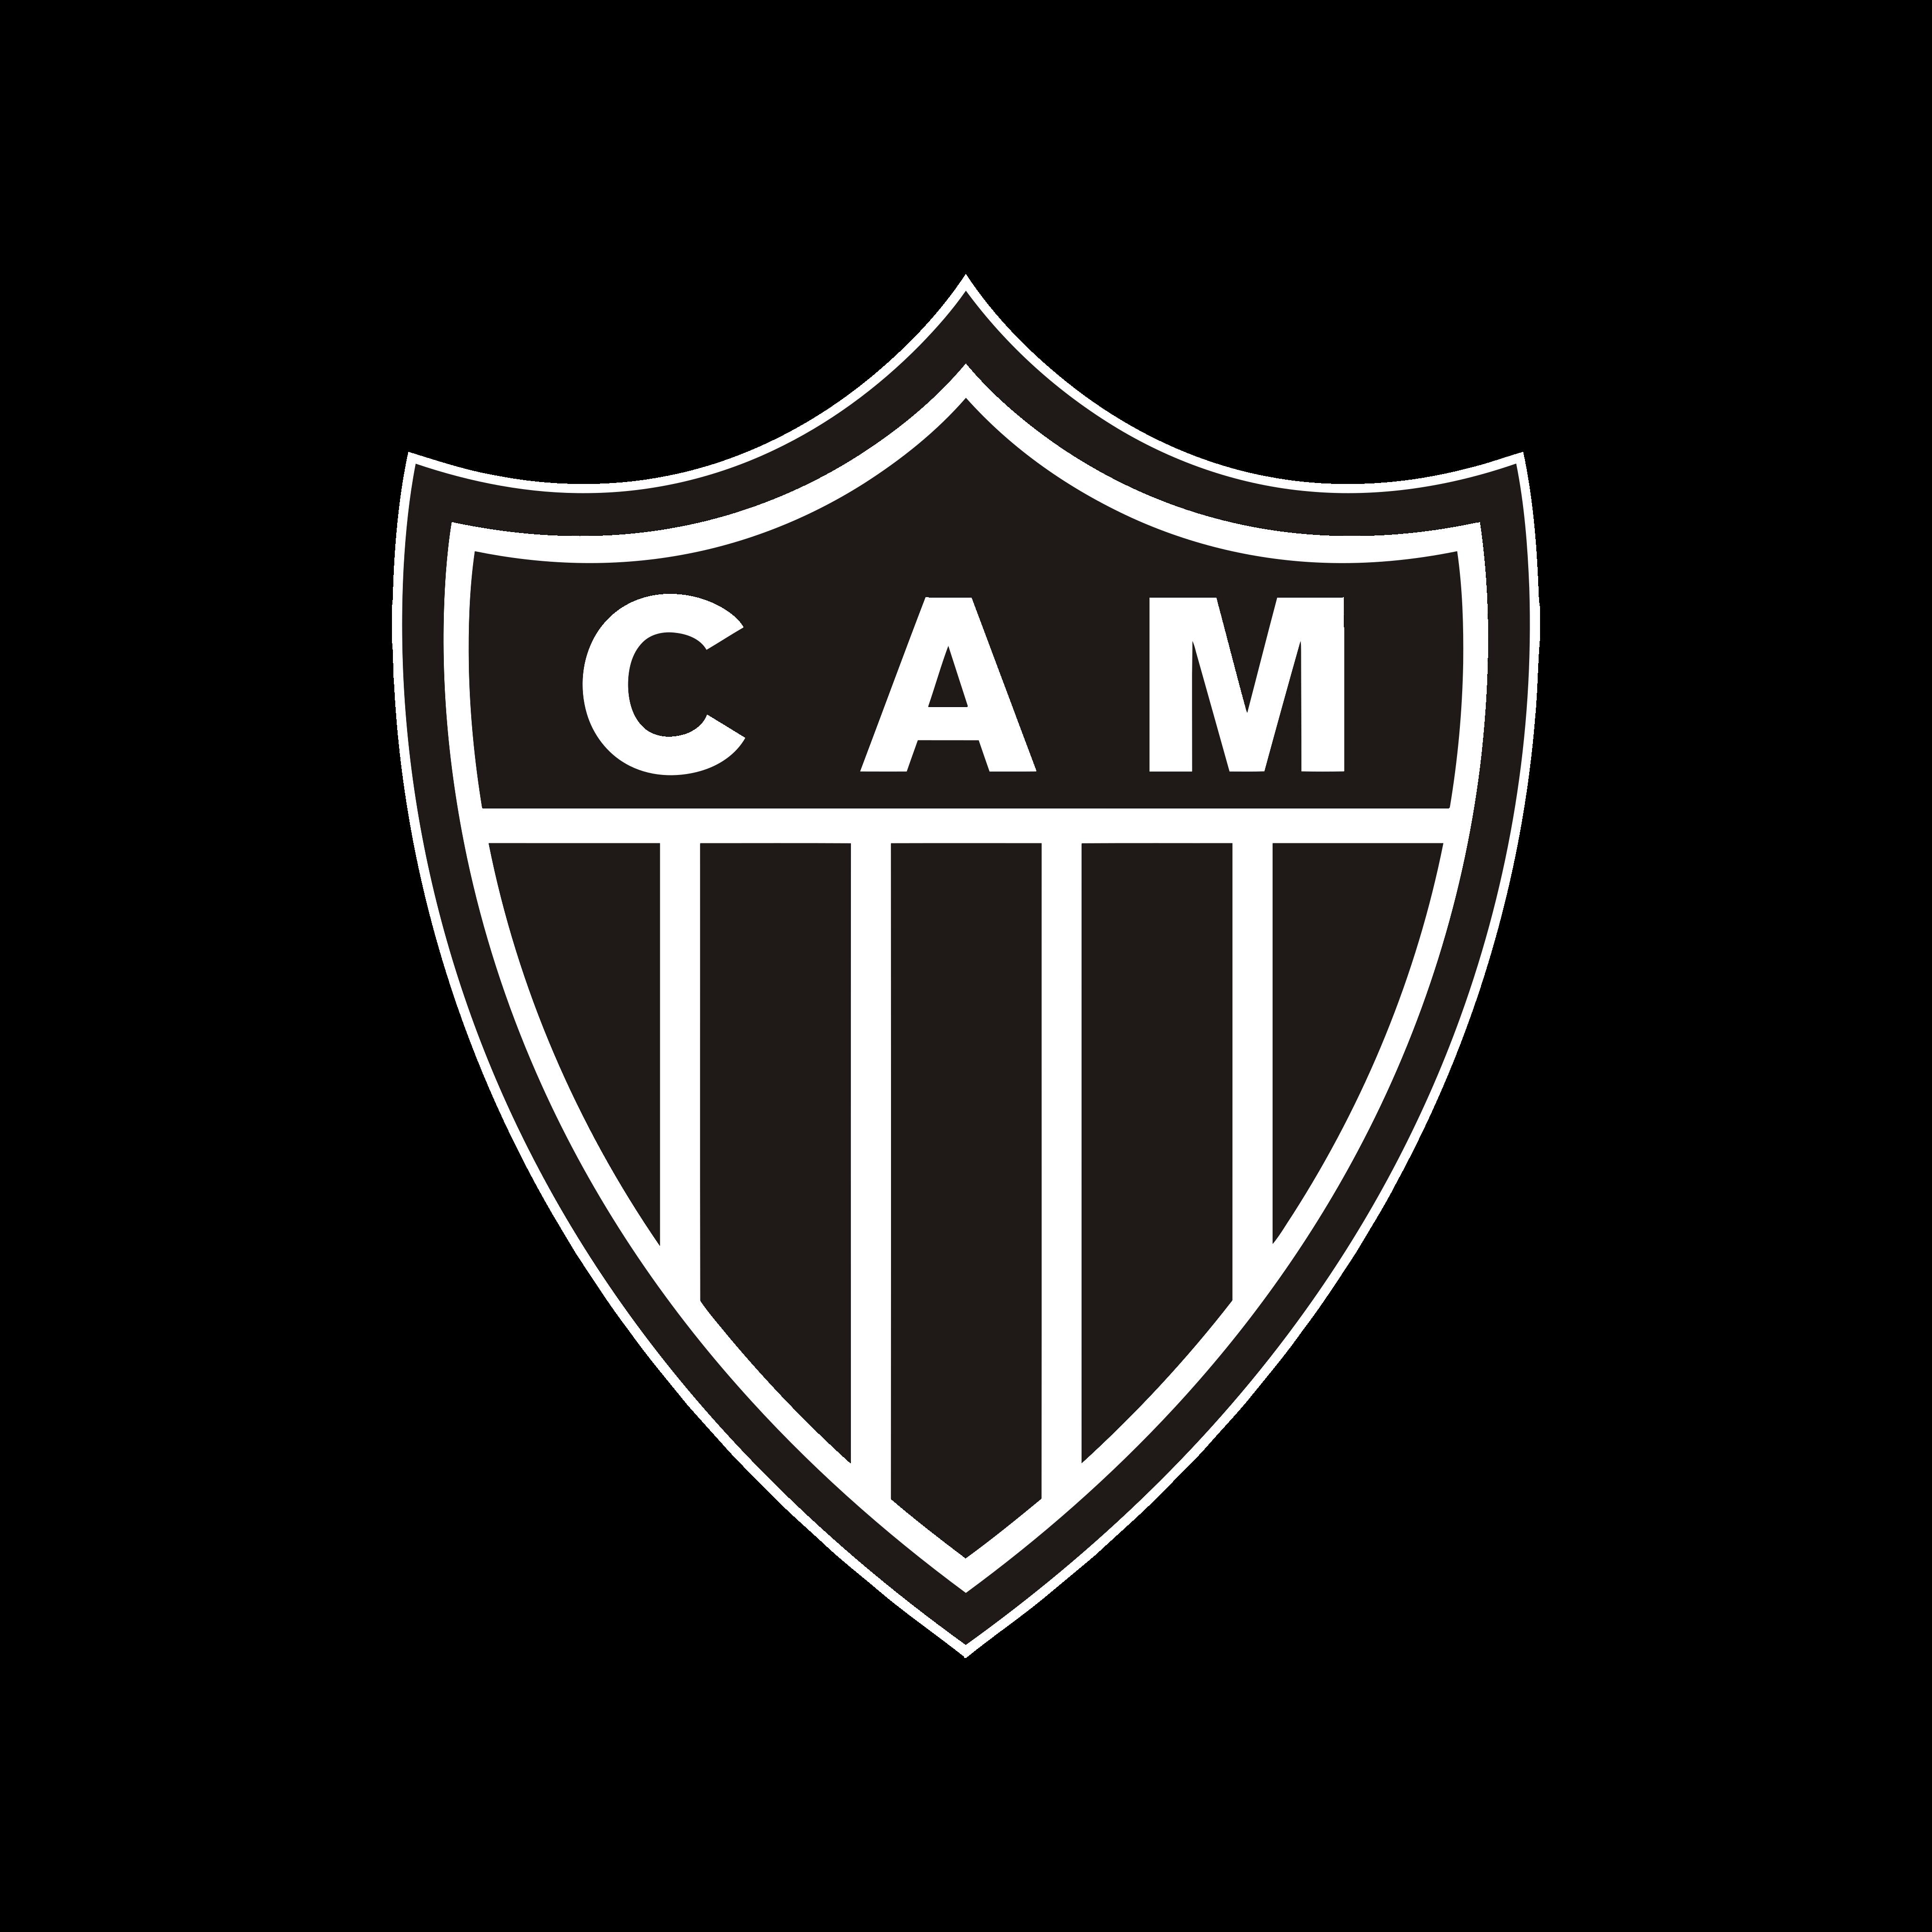 atletico mineiro logo 0 - Atlético Mineiro Logo